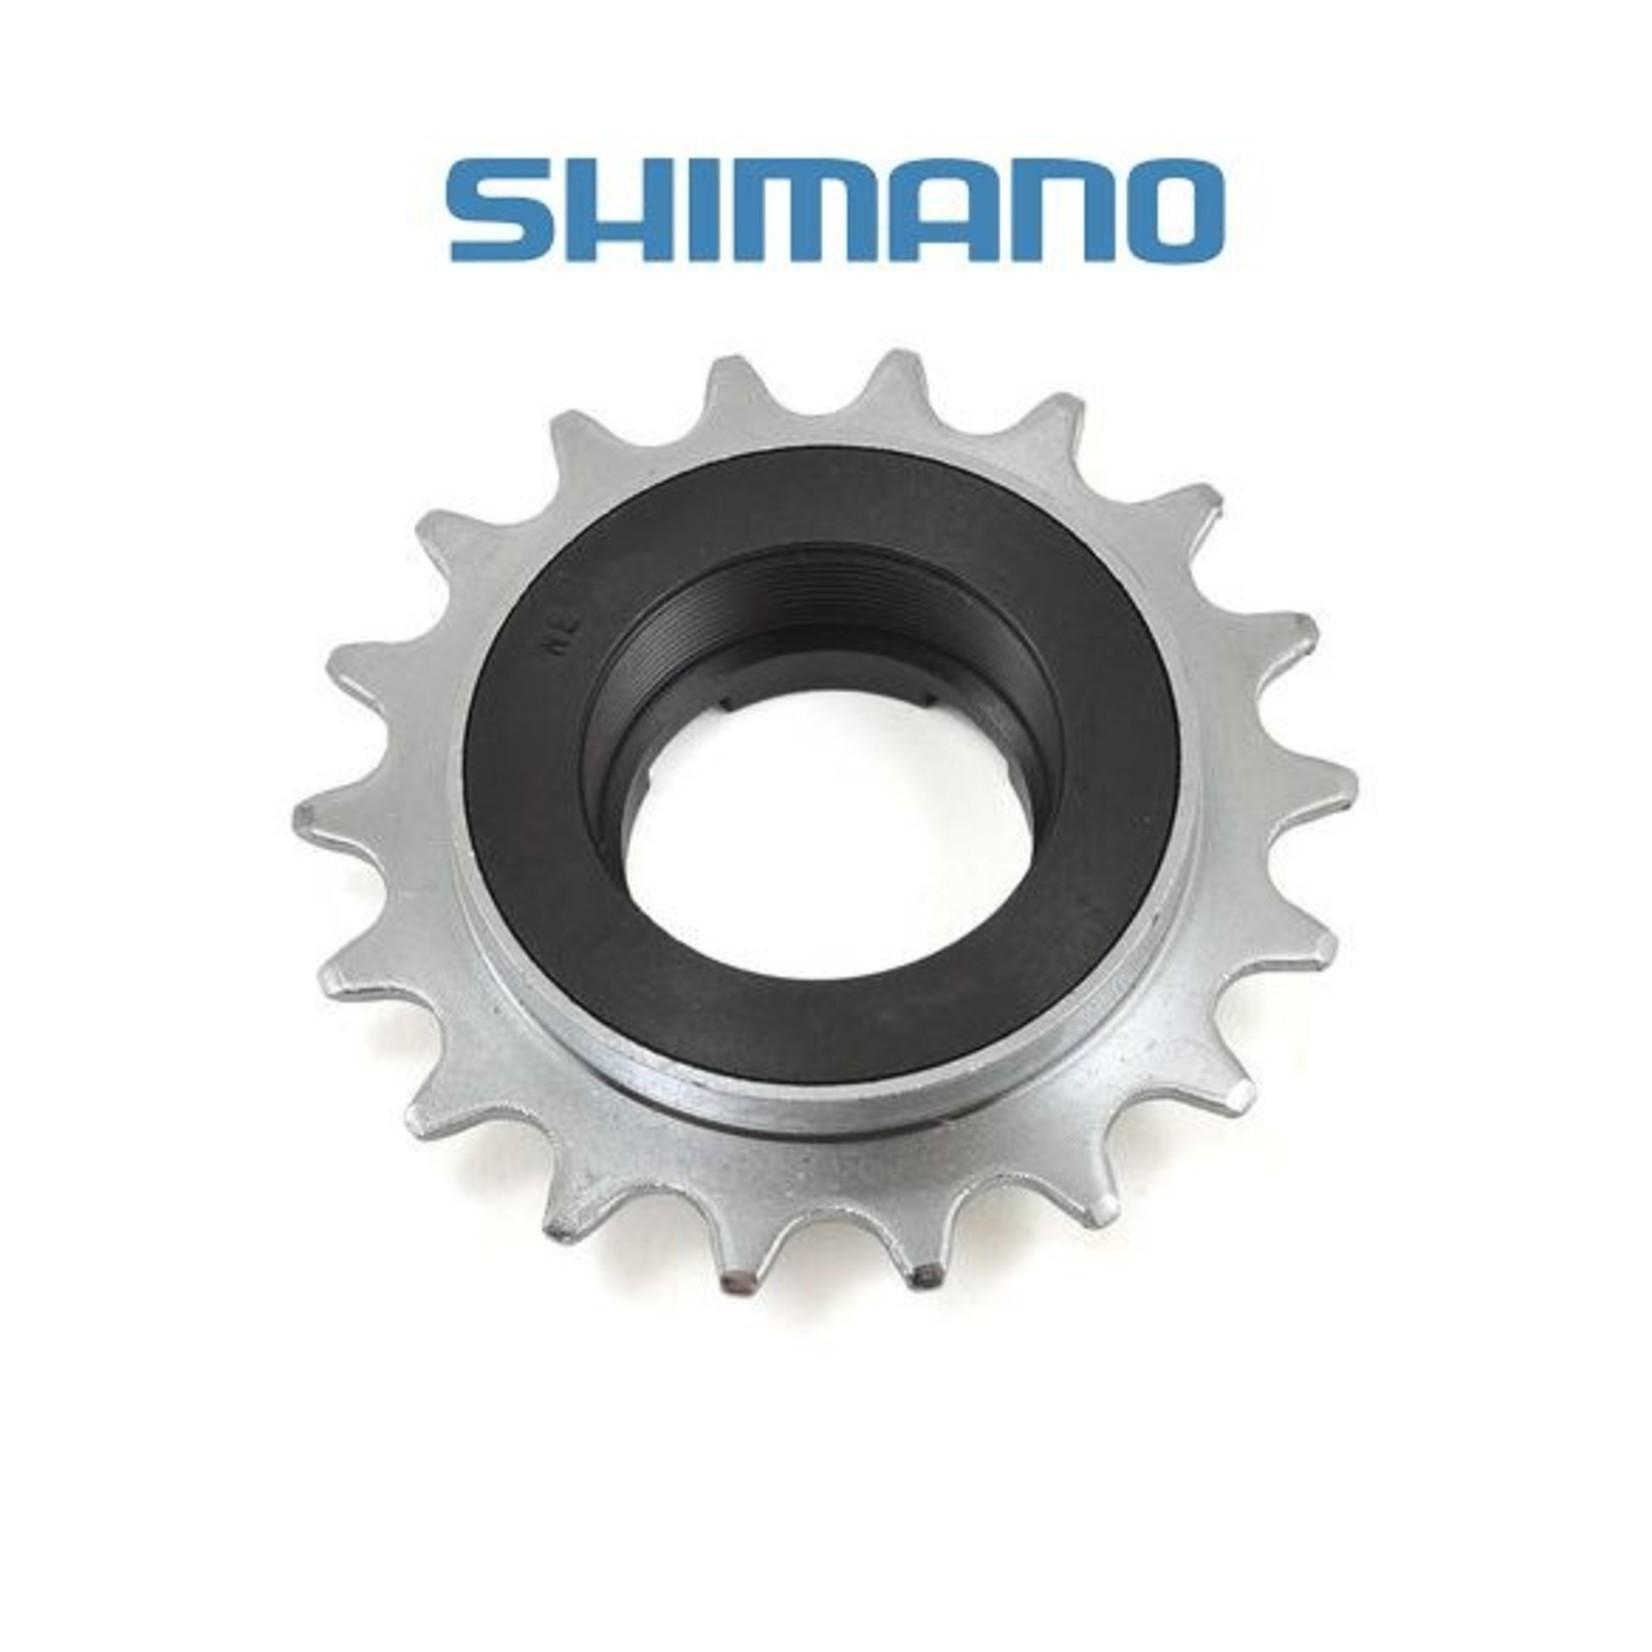 Shimano SHIMANO 17T FREEWHEEL  SF-MX30  CP FINISH 1/2 X 3/32